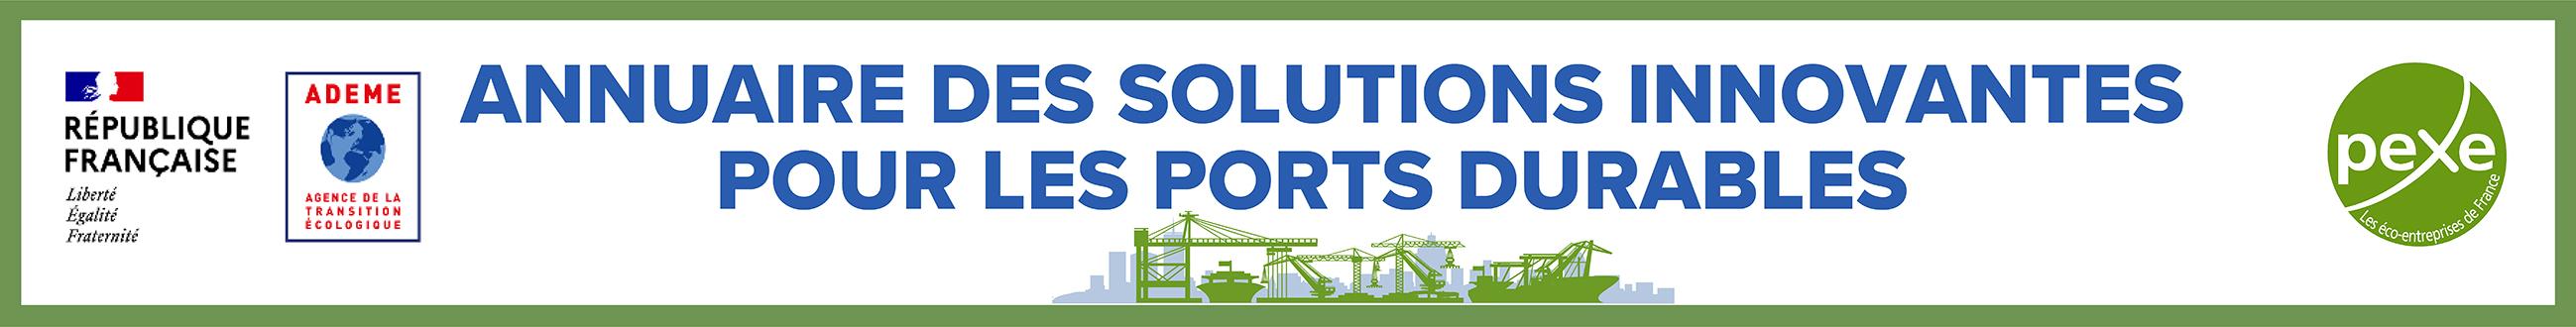 Référencez-vous dans l'annuaire des solutions innovantes pour les ports durables